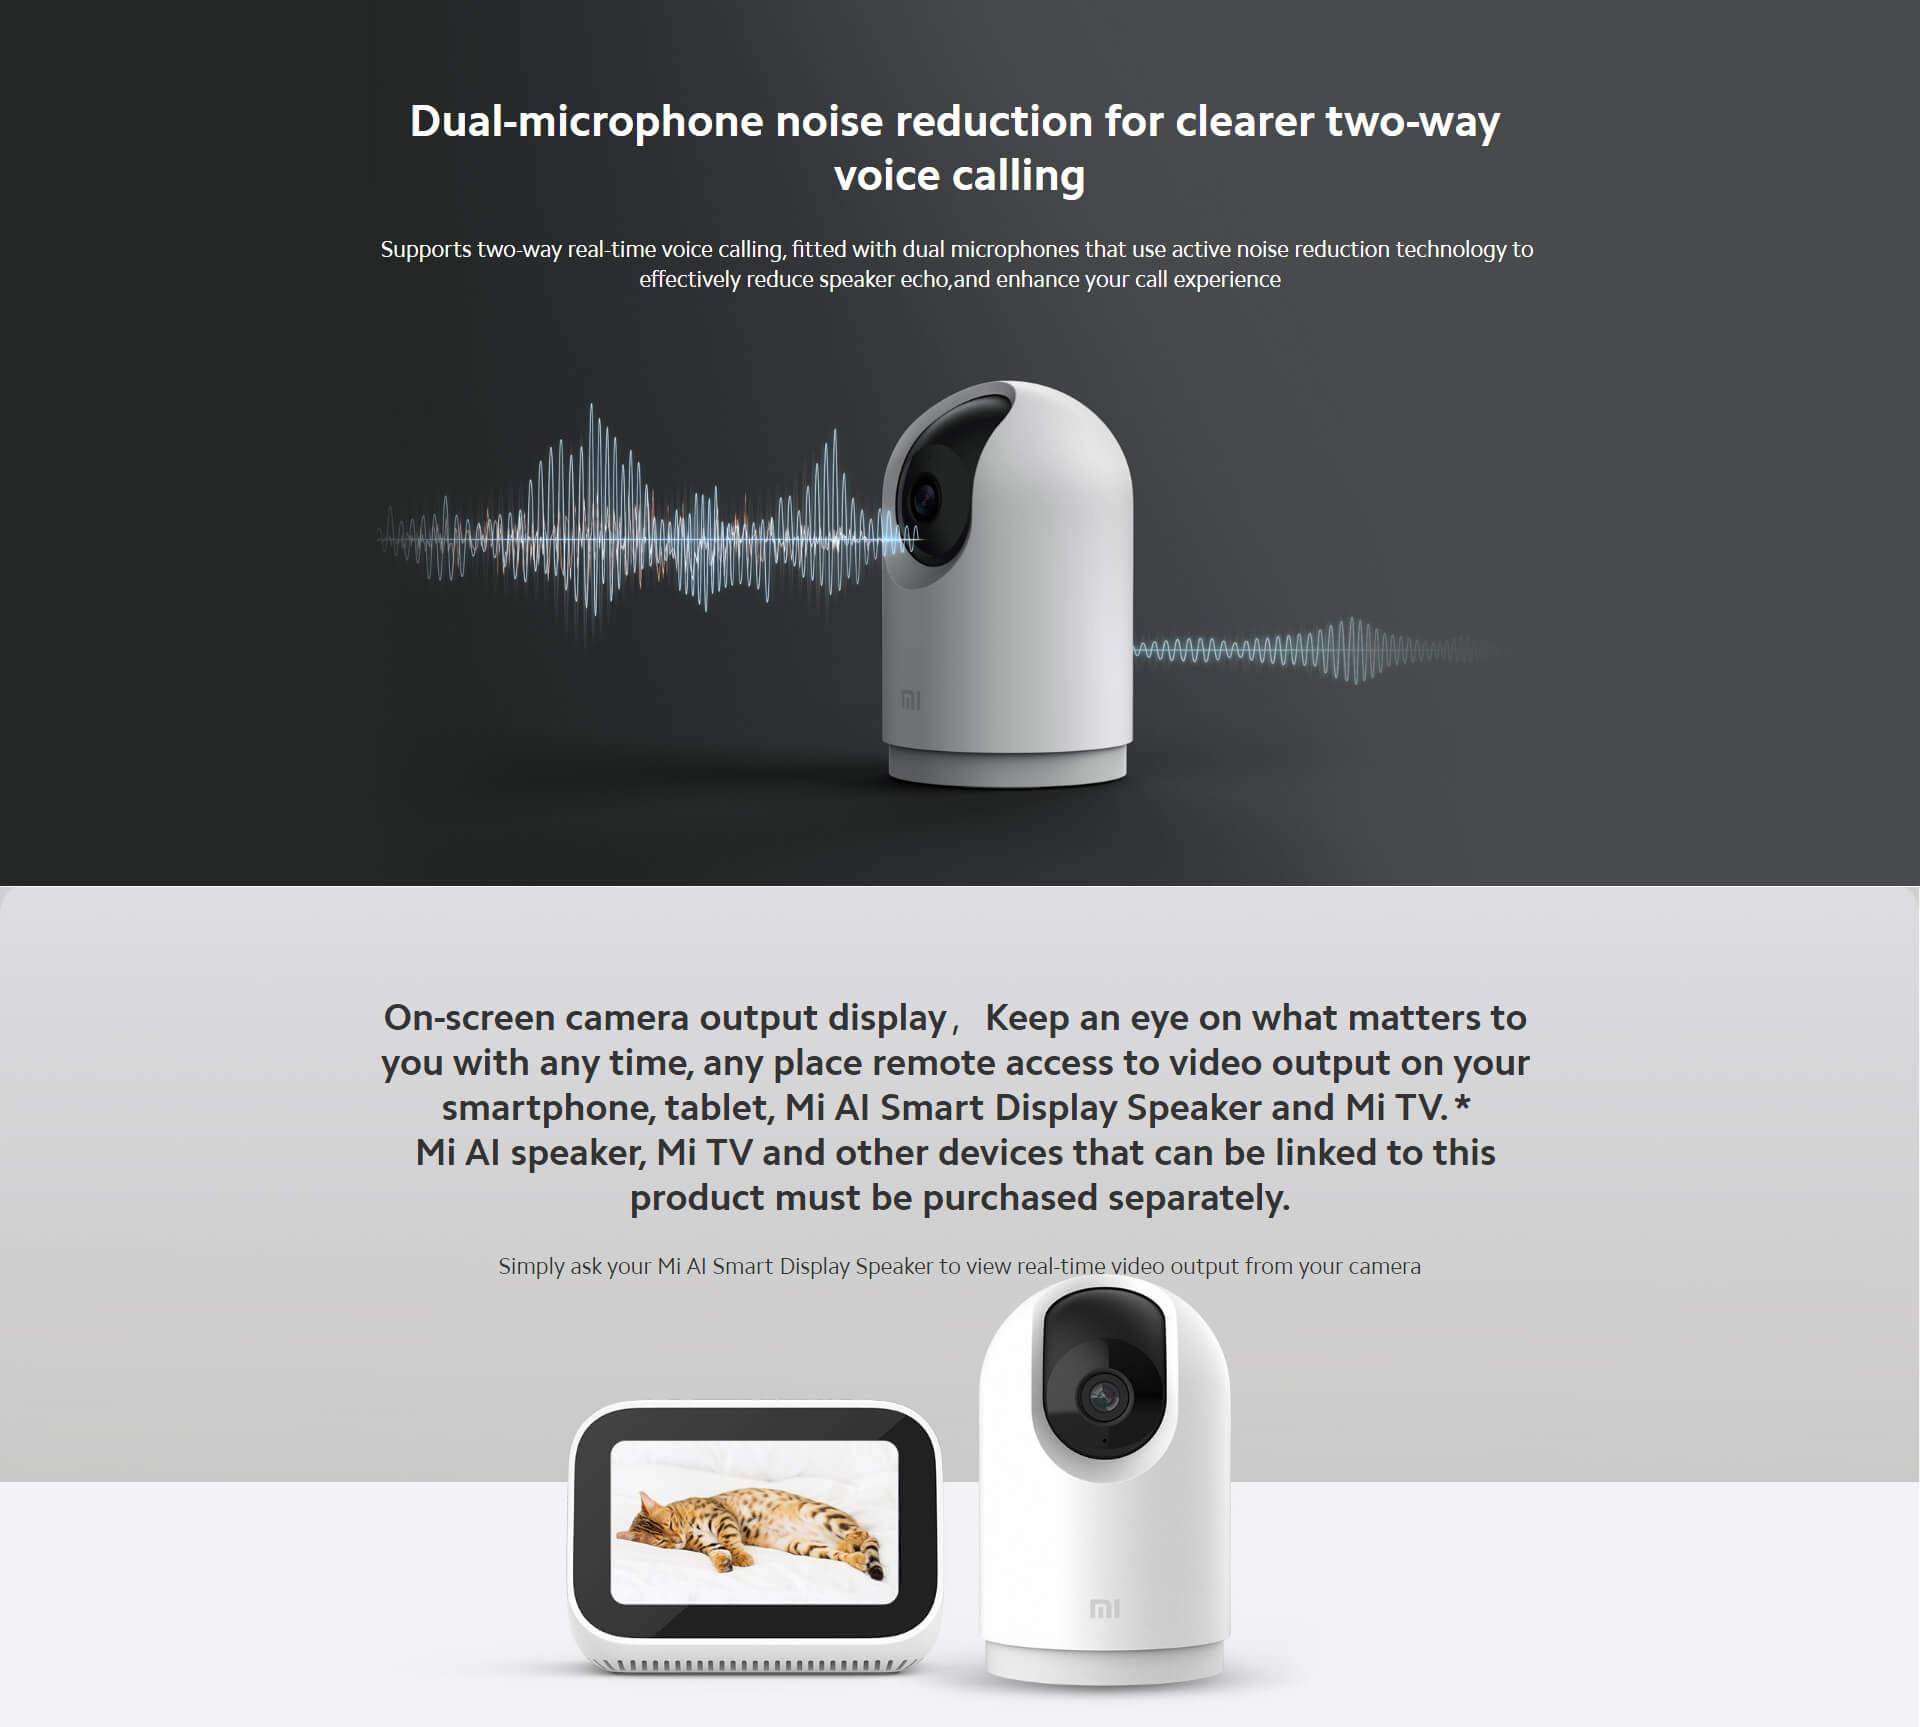 Mi 360 Home Security Camera 2k Pro 3